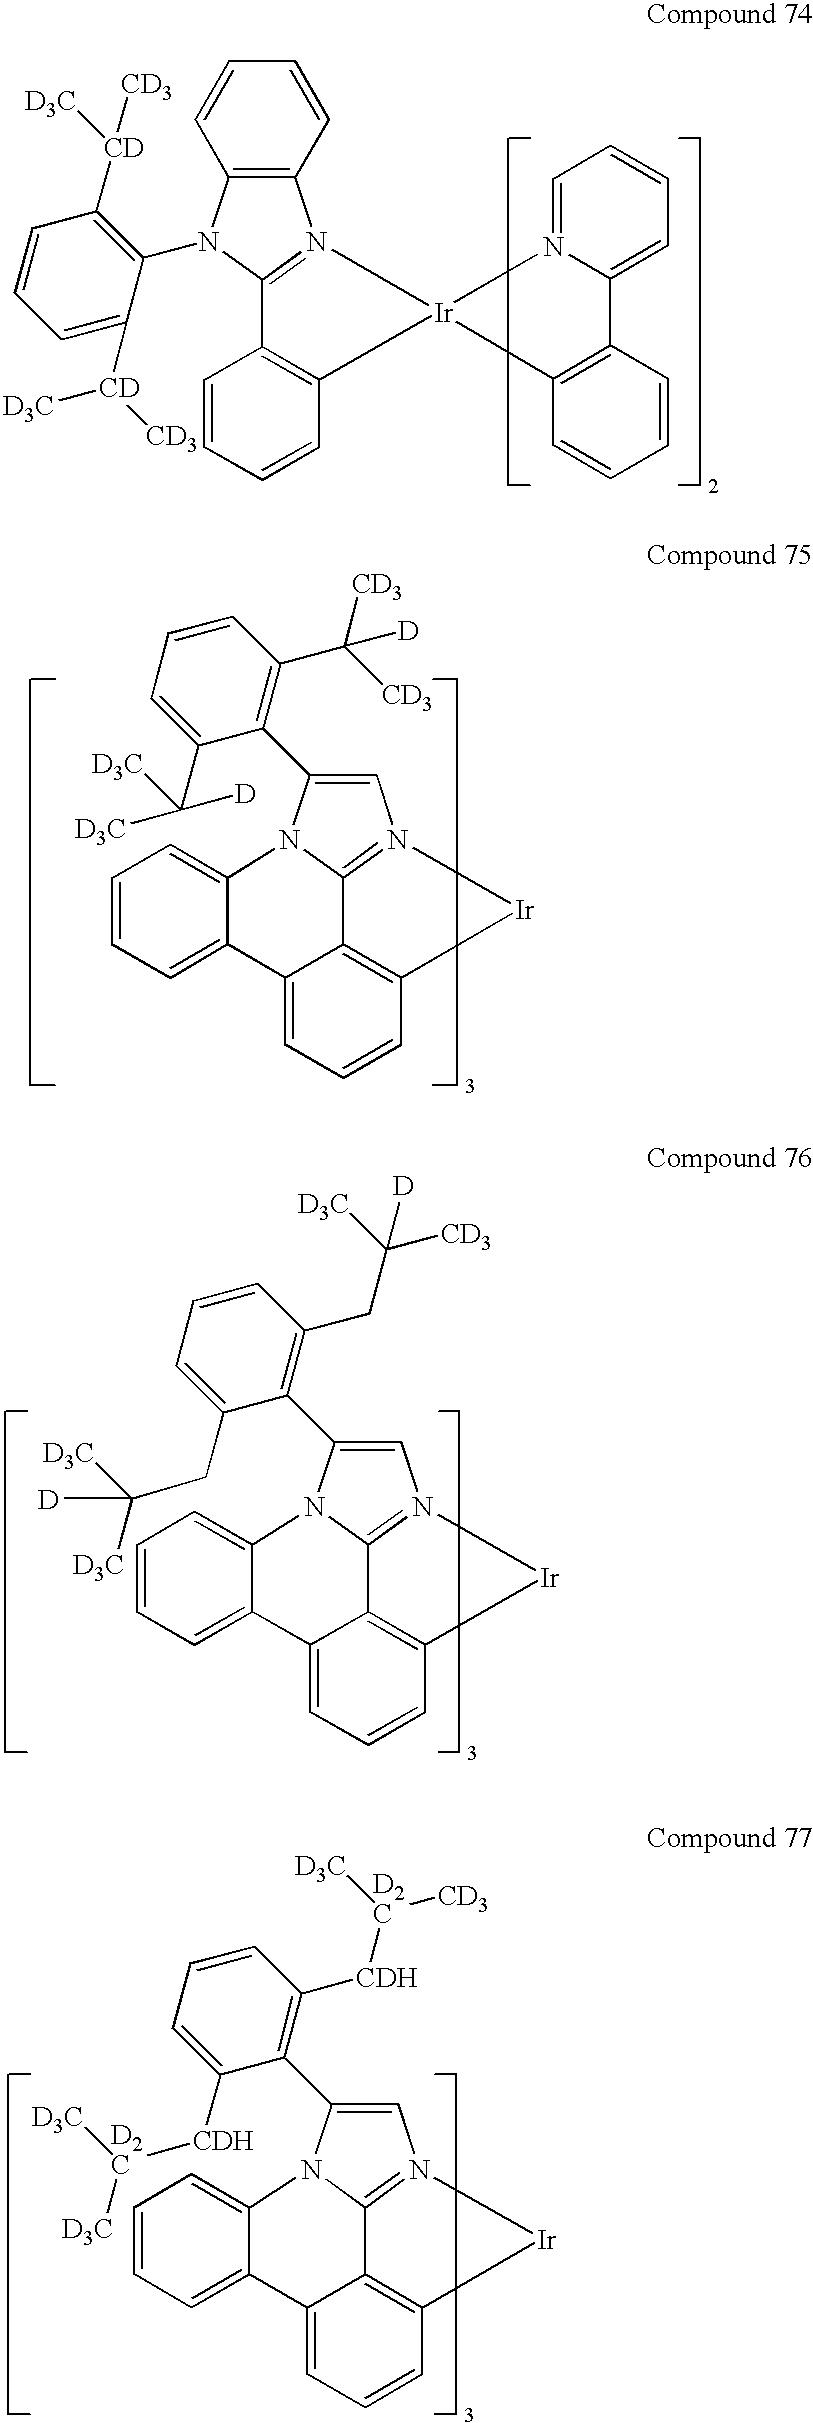 Figure US20100270916A1-20101028-C00229